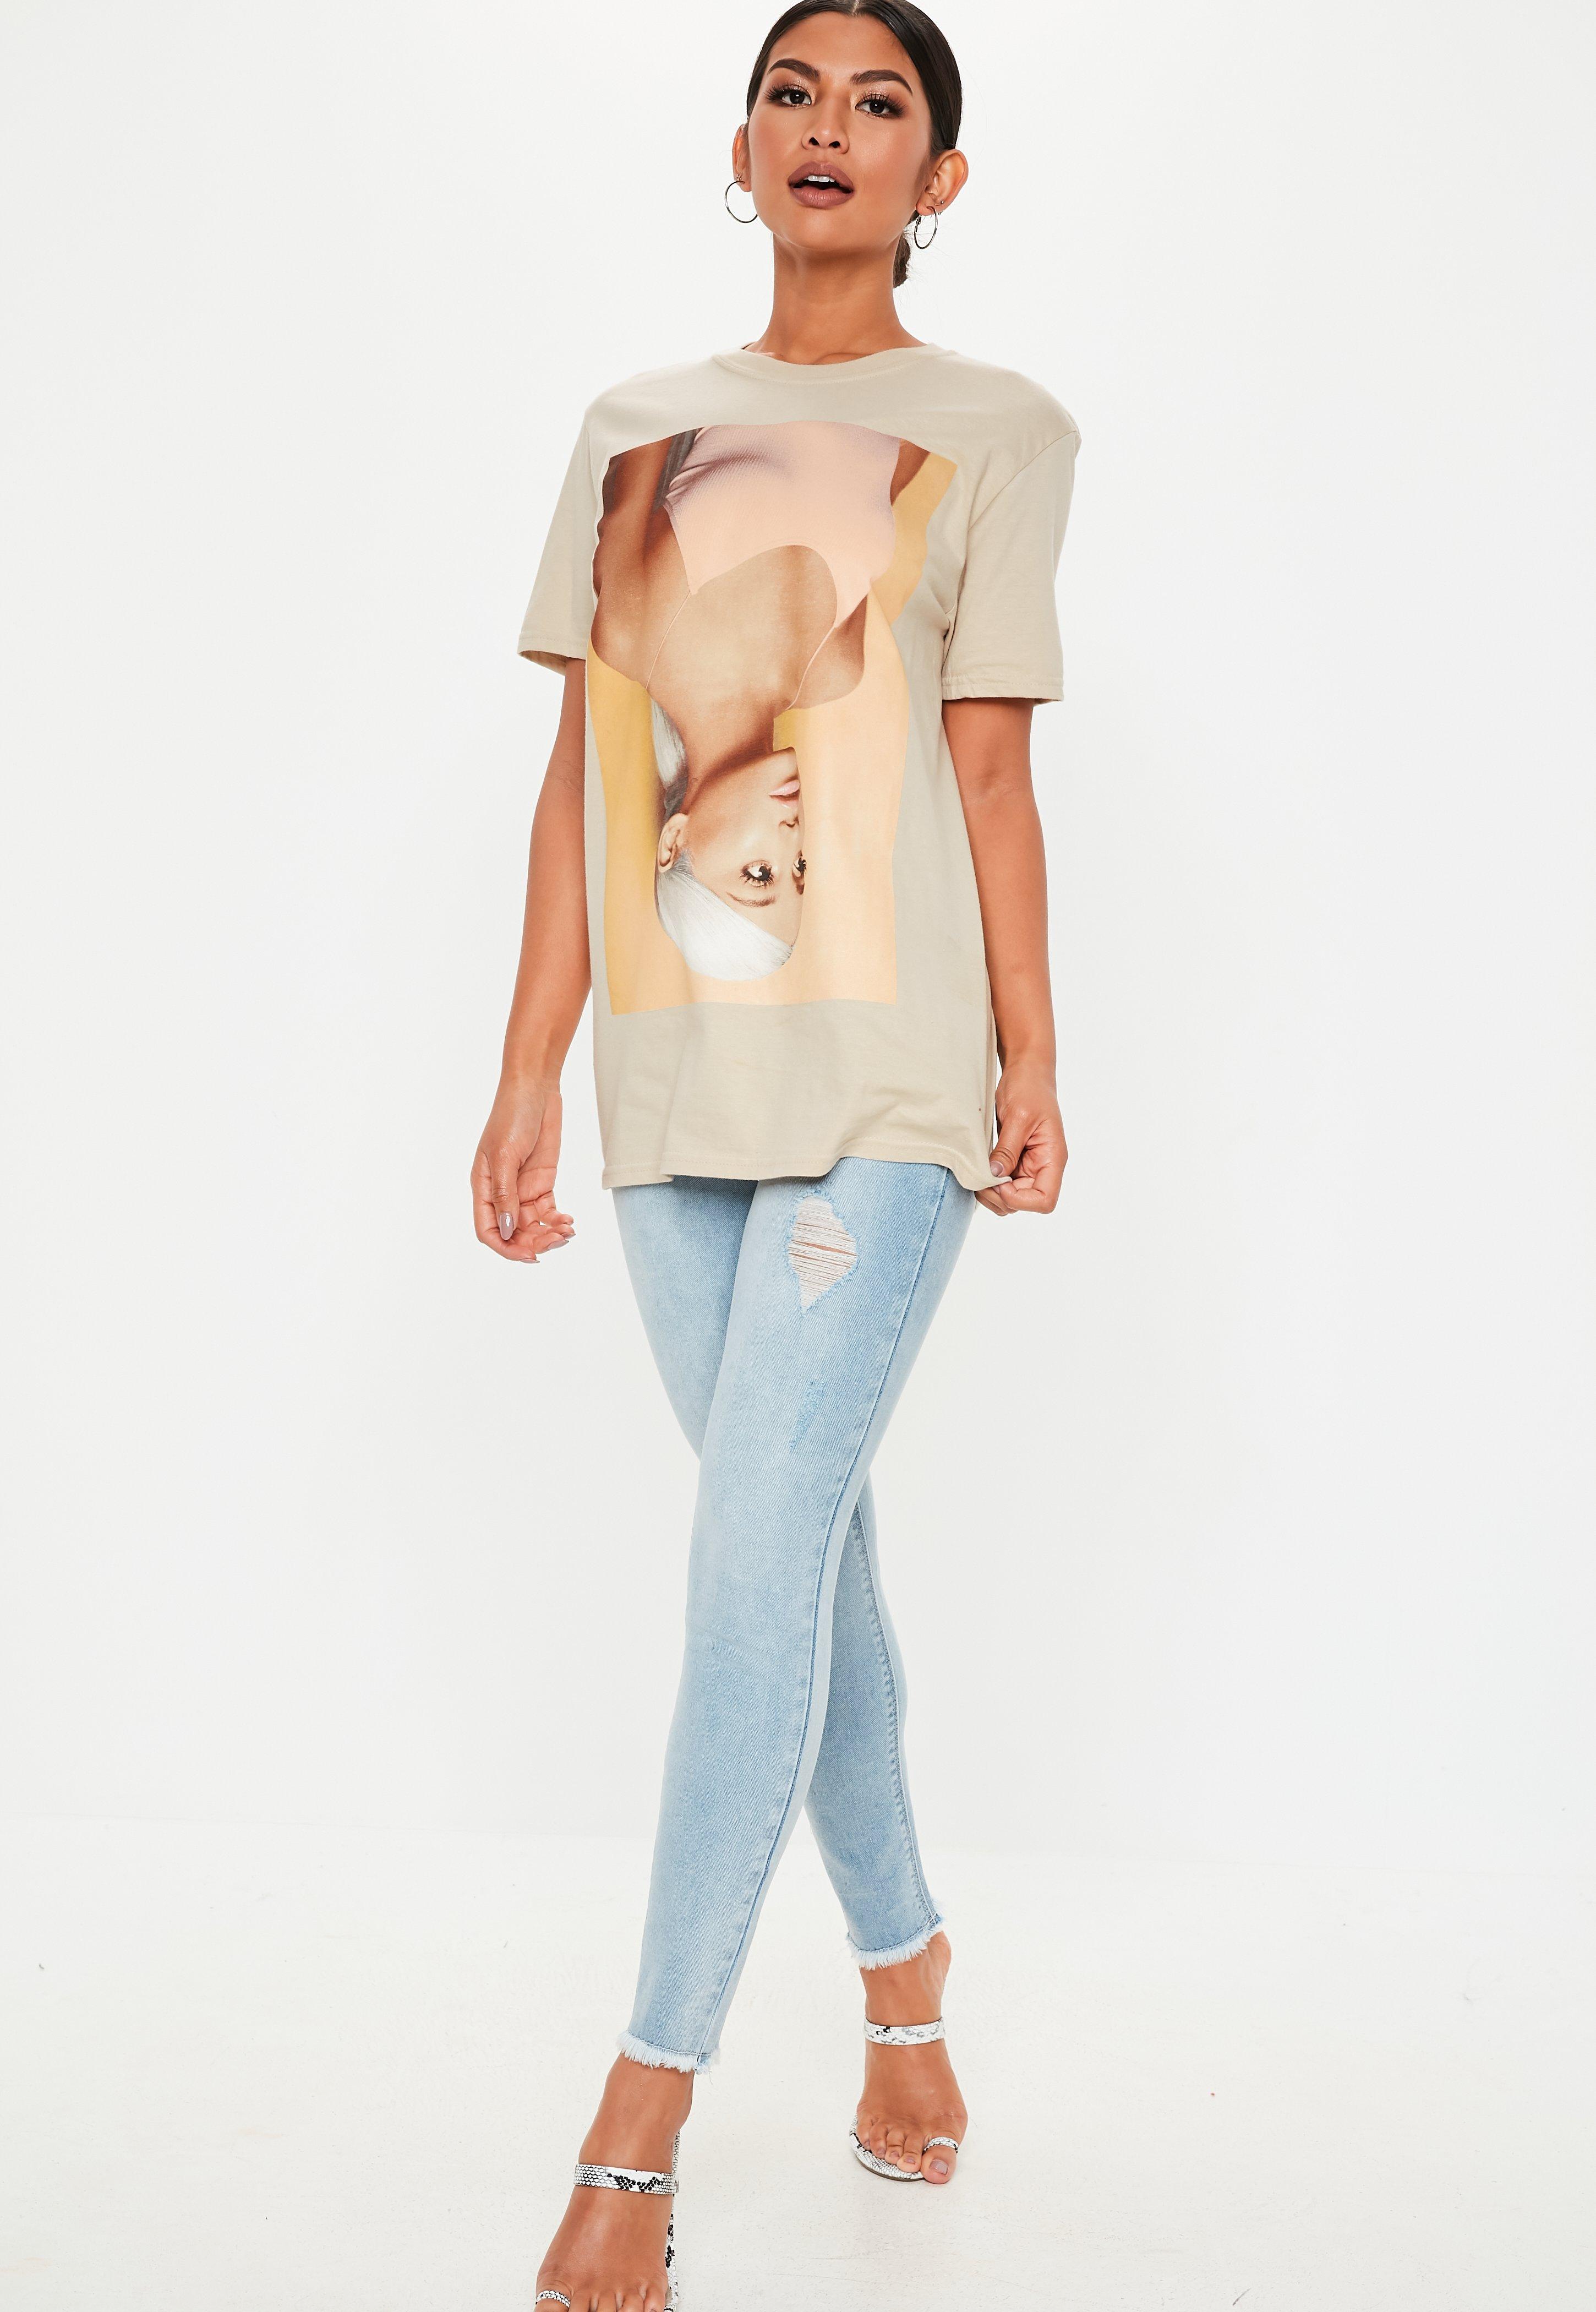 245cc9a6 Camiseta Ariana Grande en marrón claro